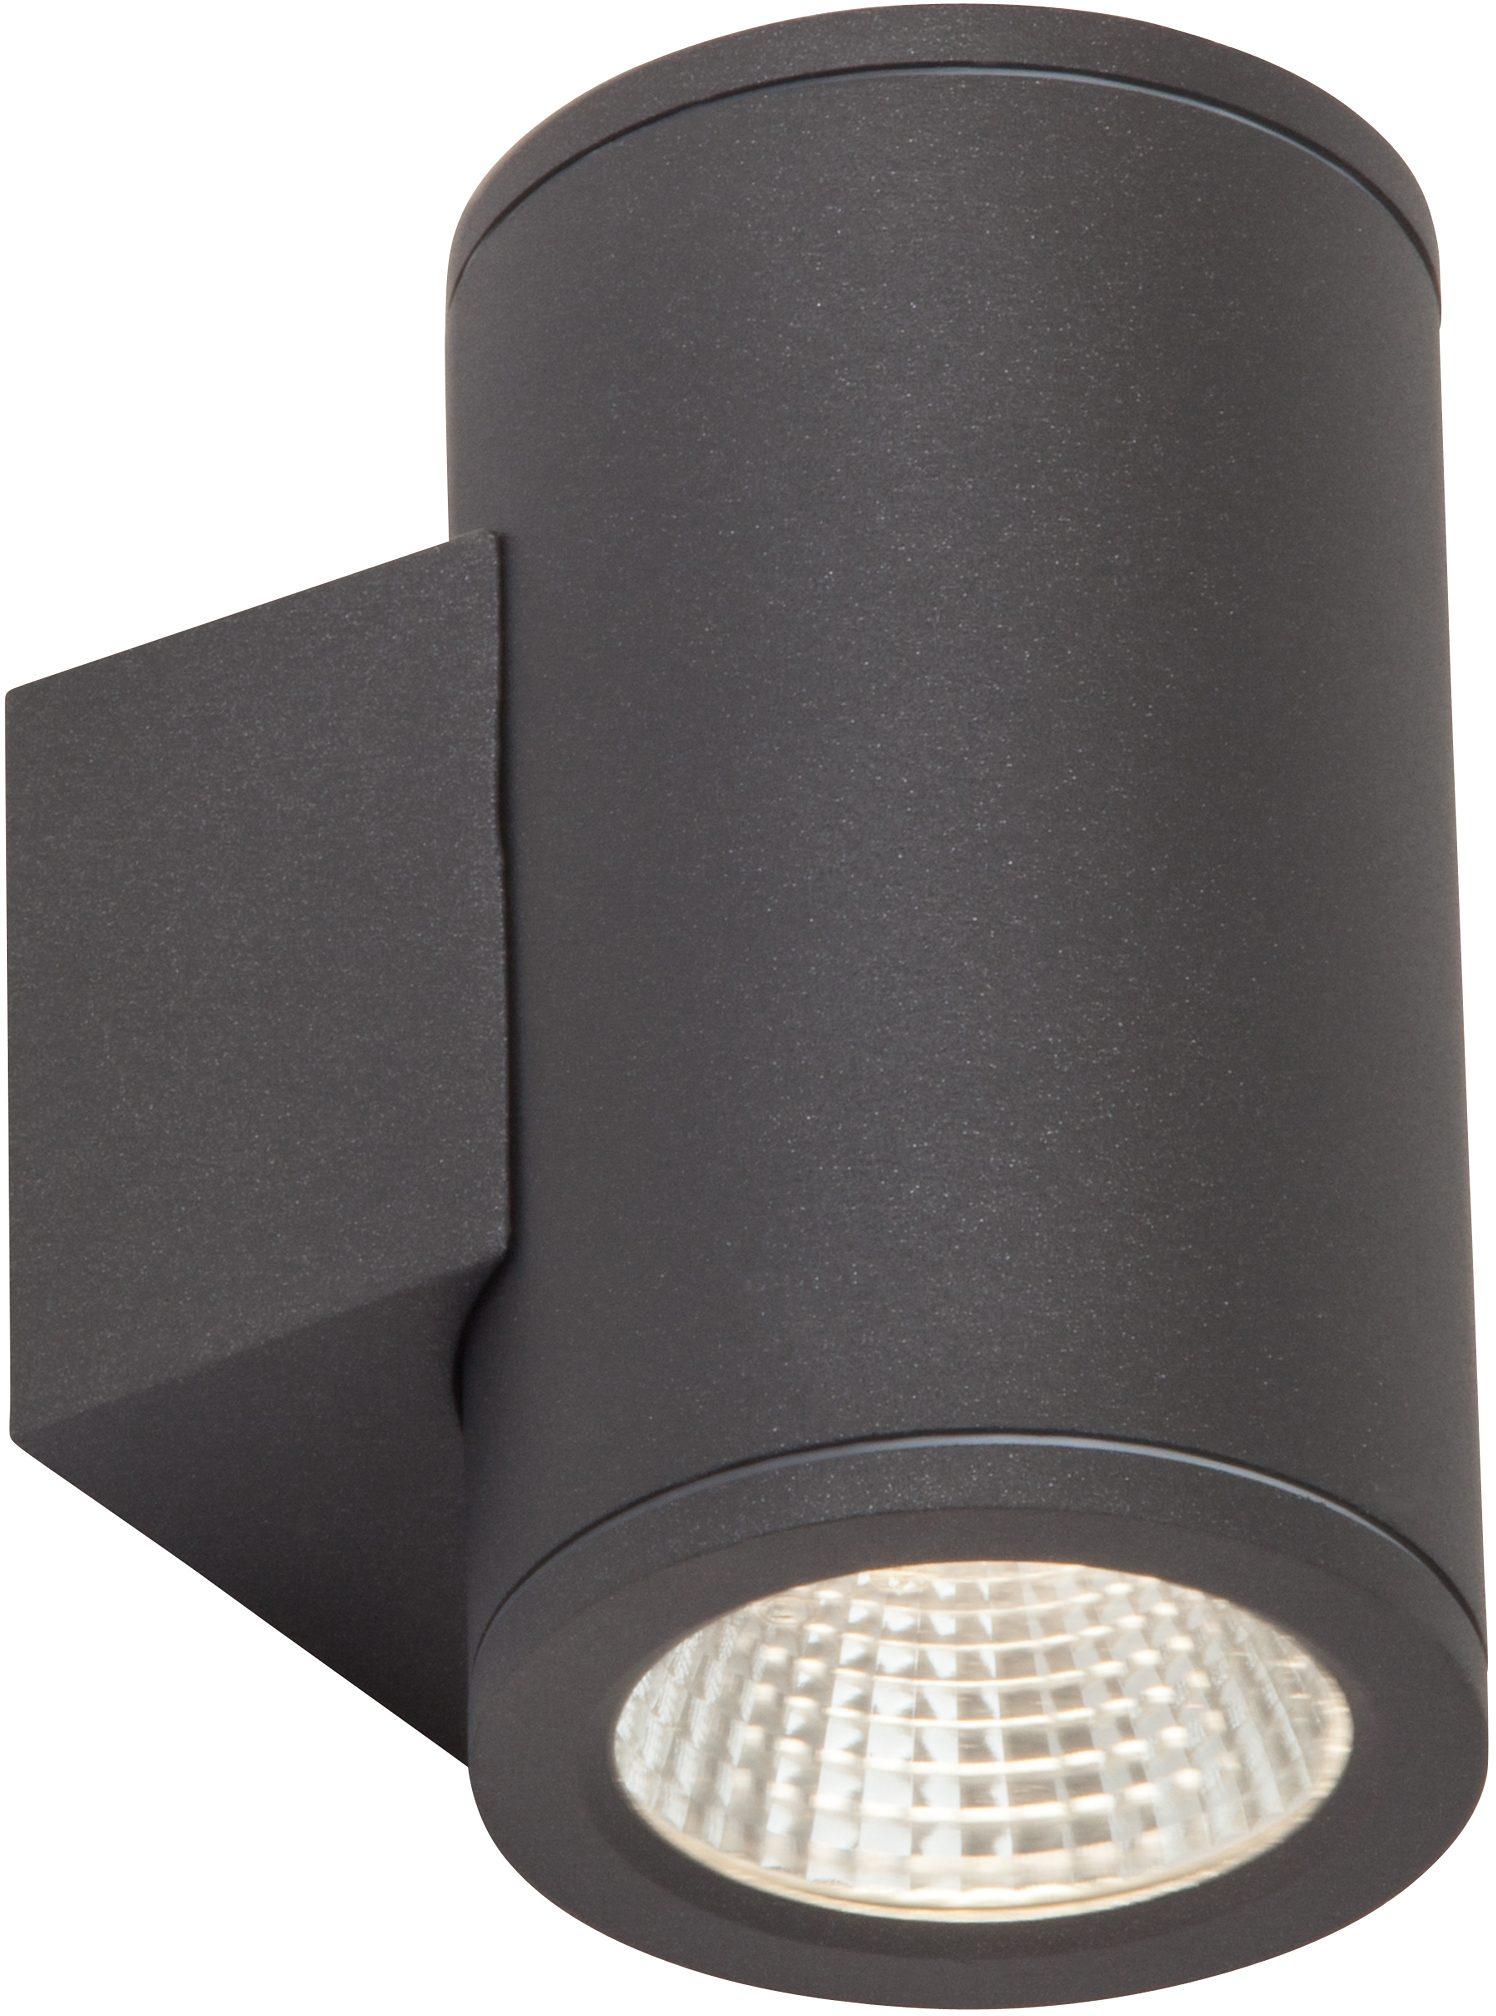 AEG LED Außenleuchte, 2flg., Wandleuchte, »ARGO«